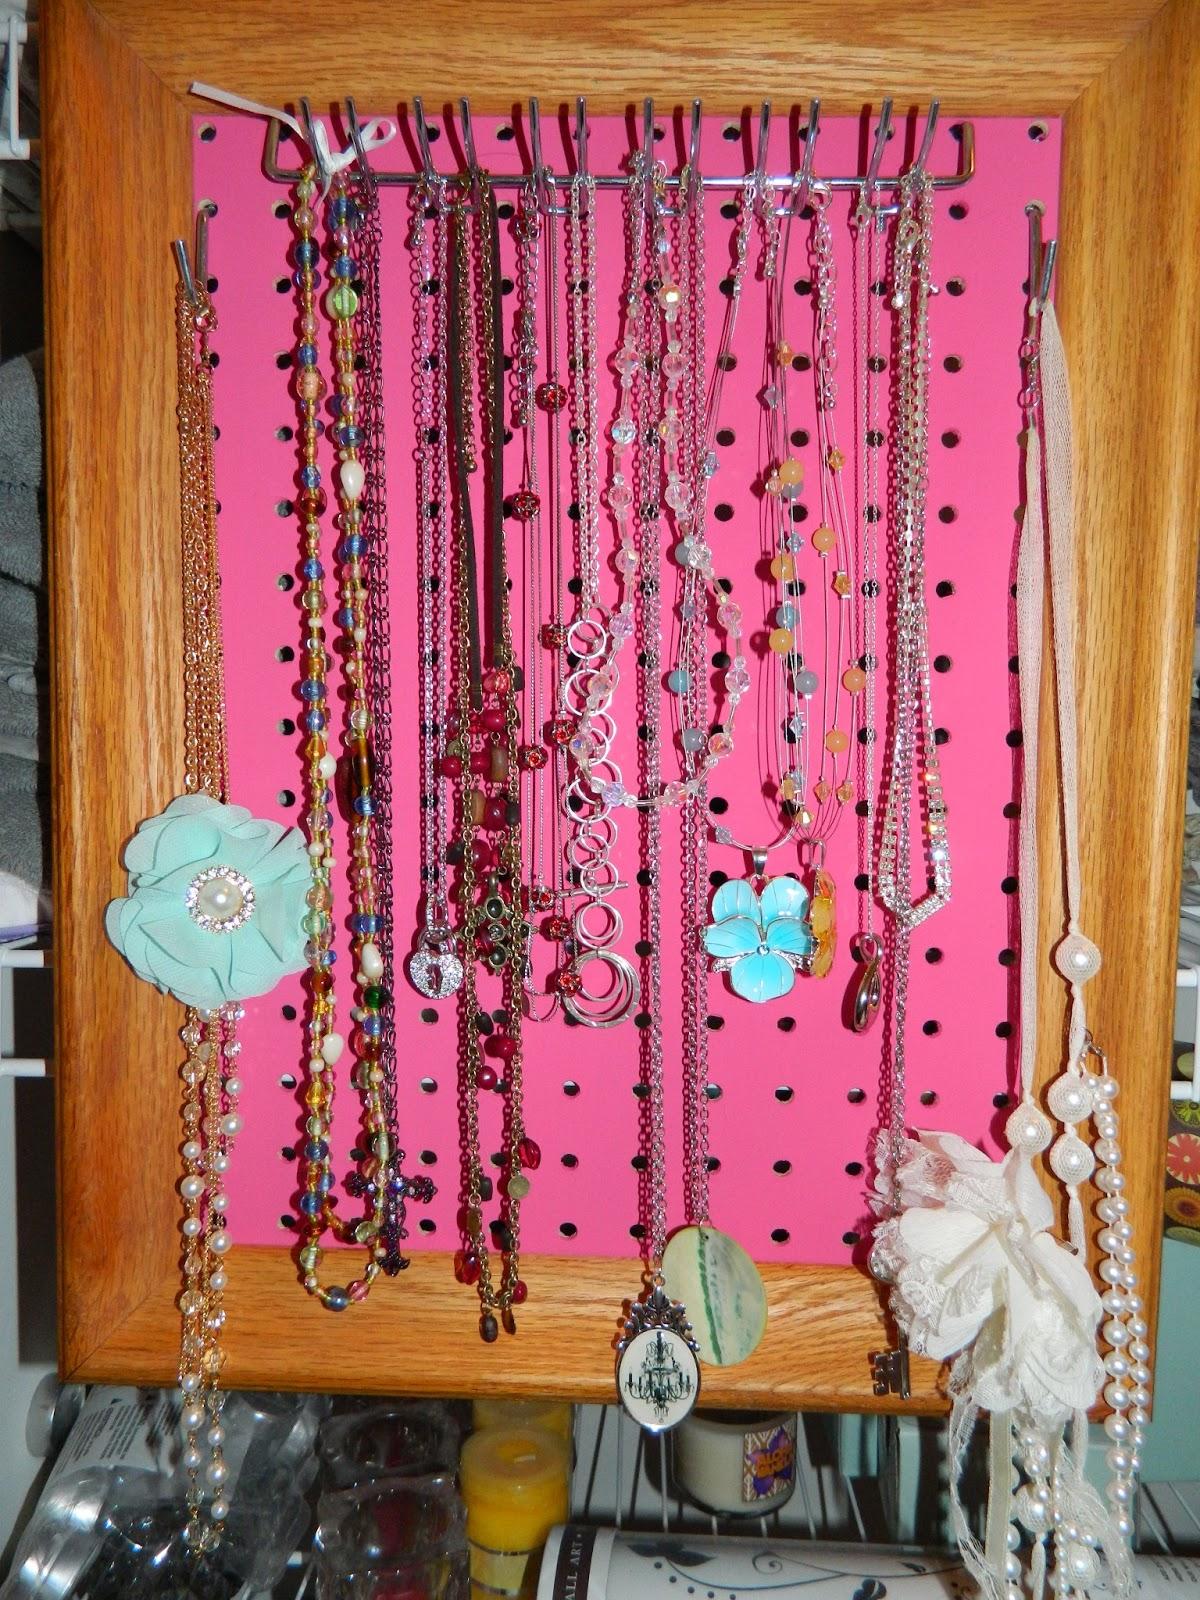 Pinterest 100 Ways - Tales & Fails: #6 Pegboard Jewelry Display